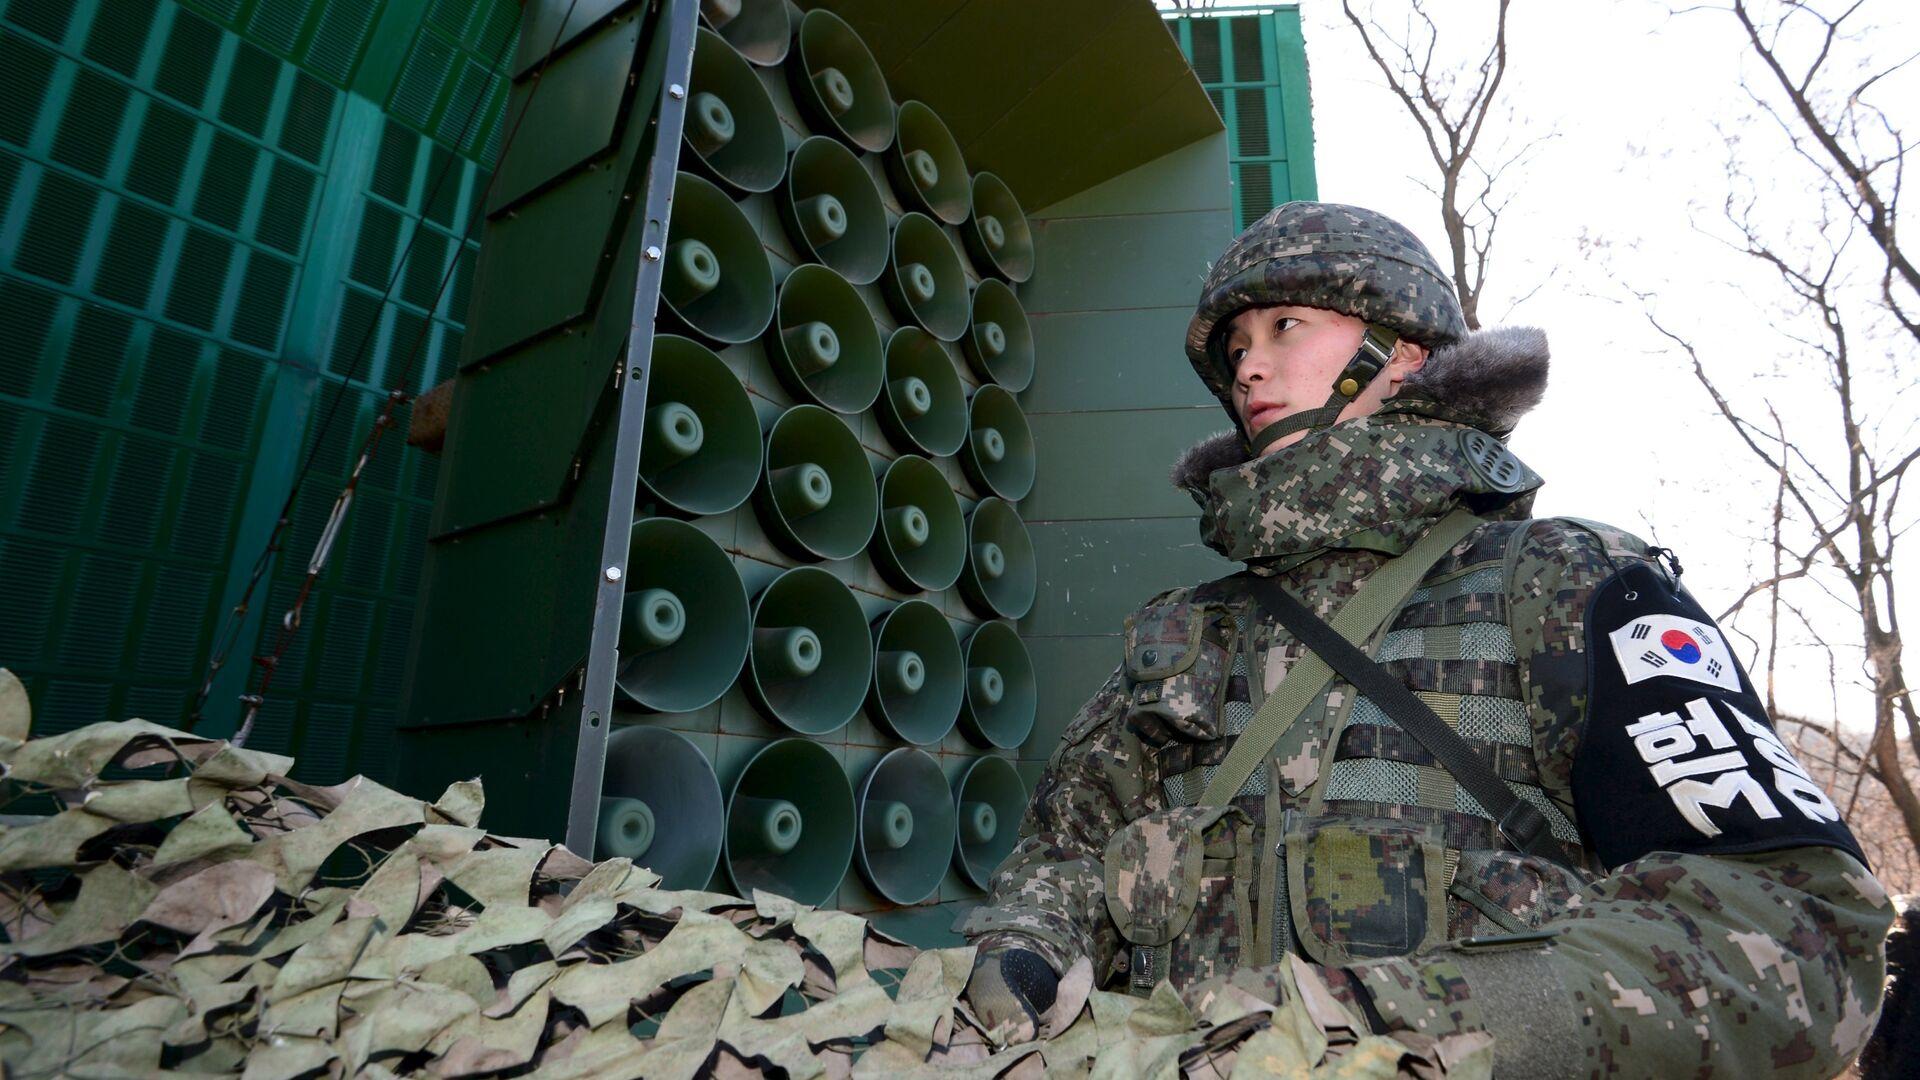 Южнокорейский военнослужащий готовит громкоговорители для пропагандистского вещания на границе с КНДР, 8 января 2016 - РИА Новости, 1920, 29.08.2020